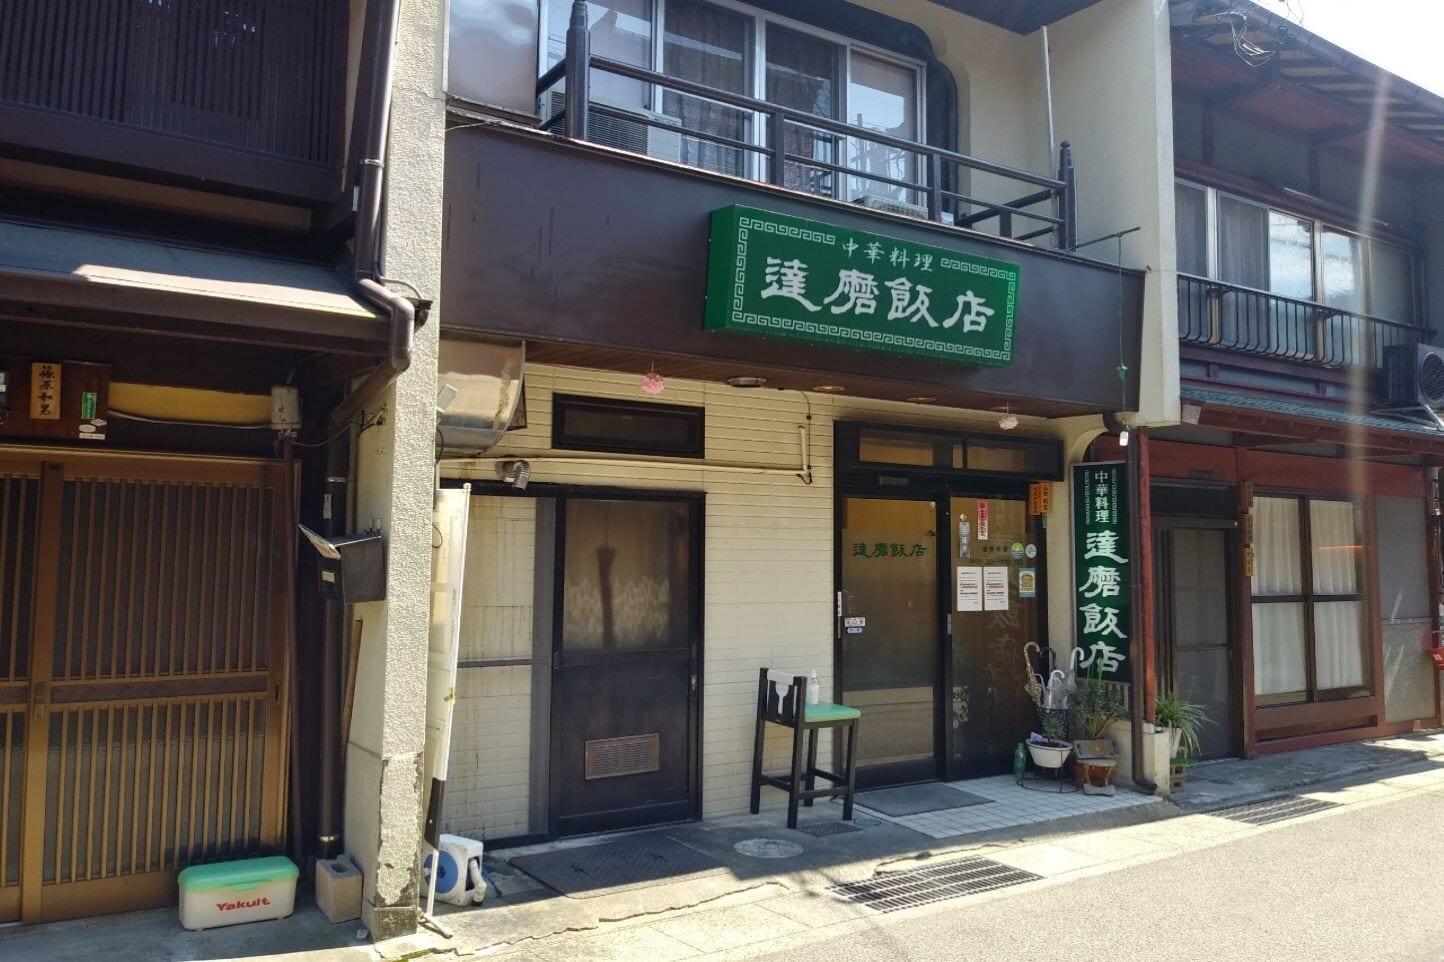 達磨飯店 スライダー画像1